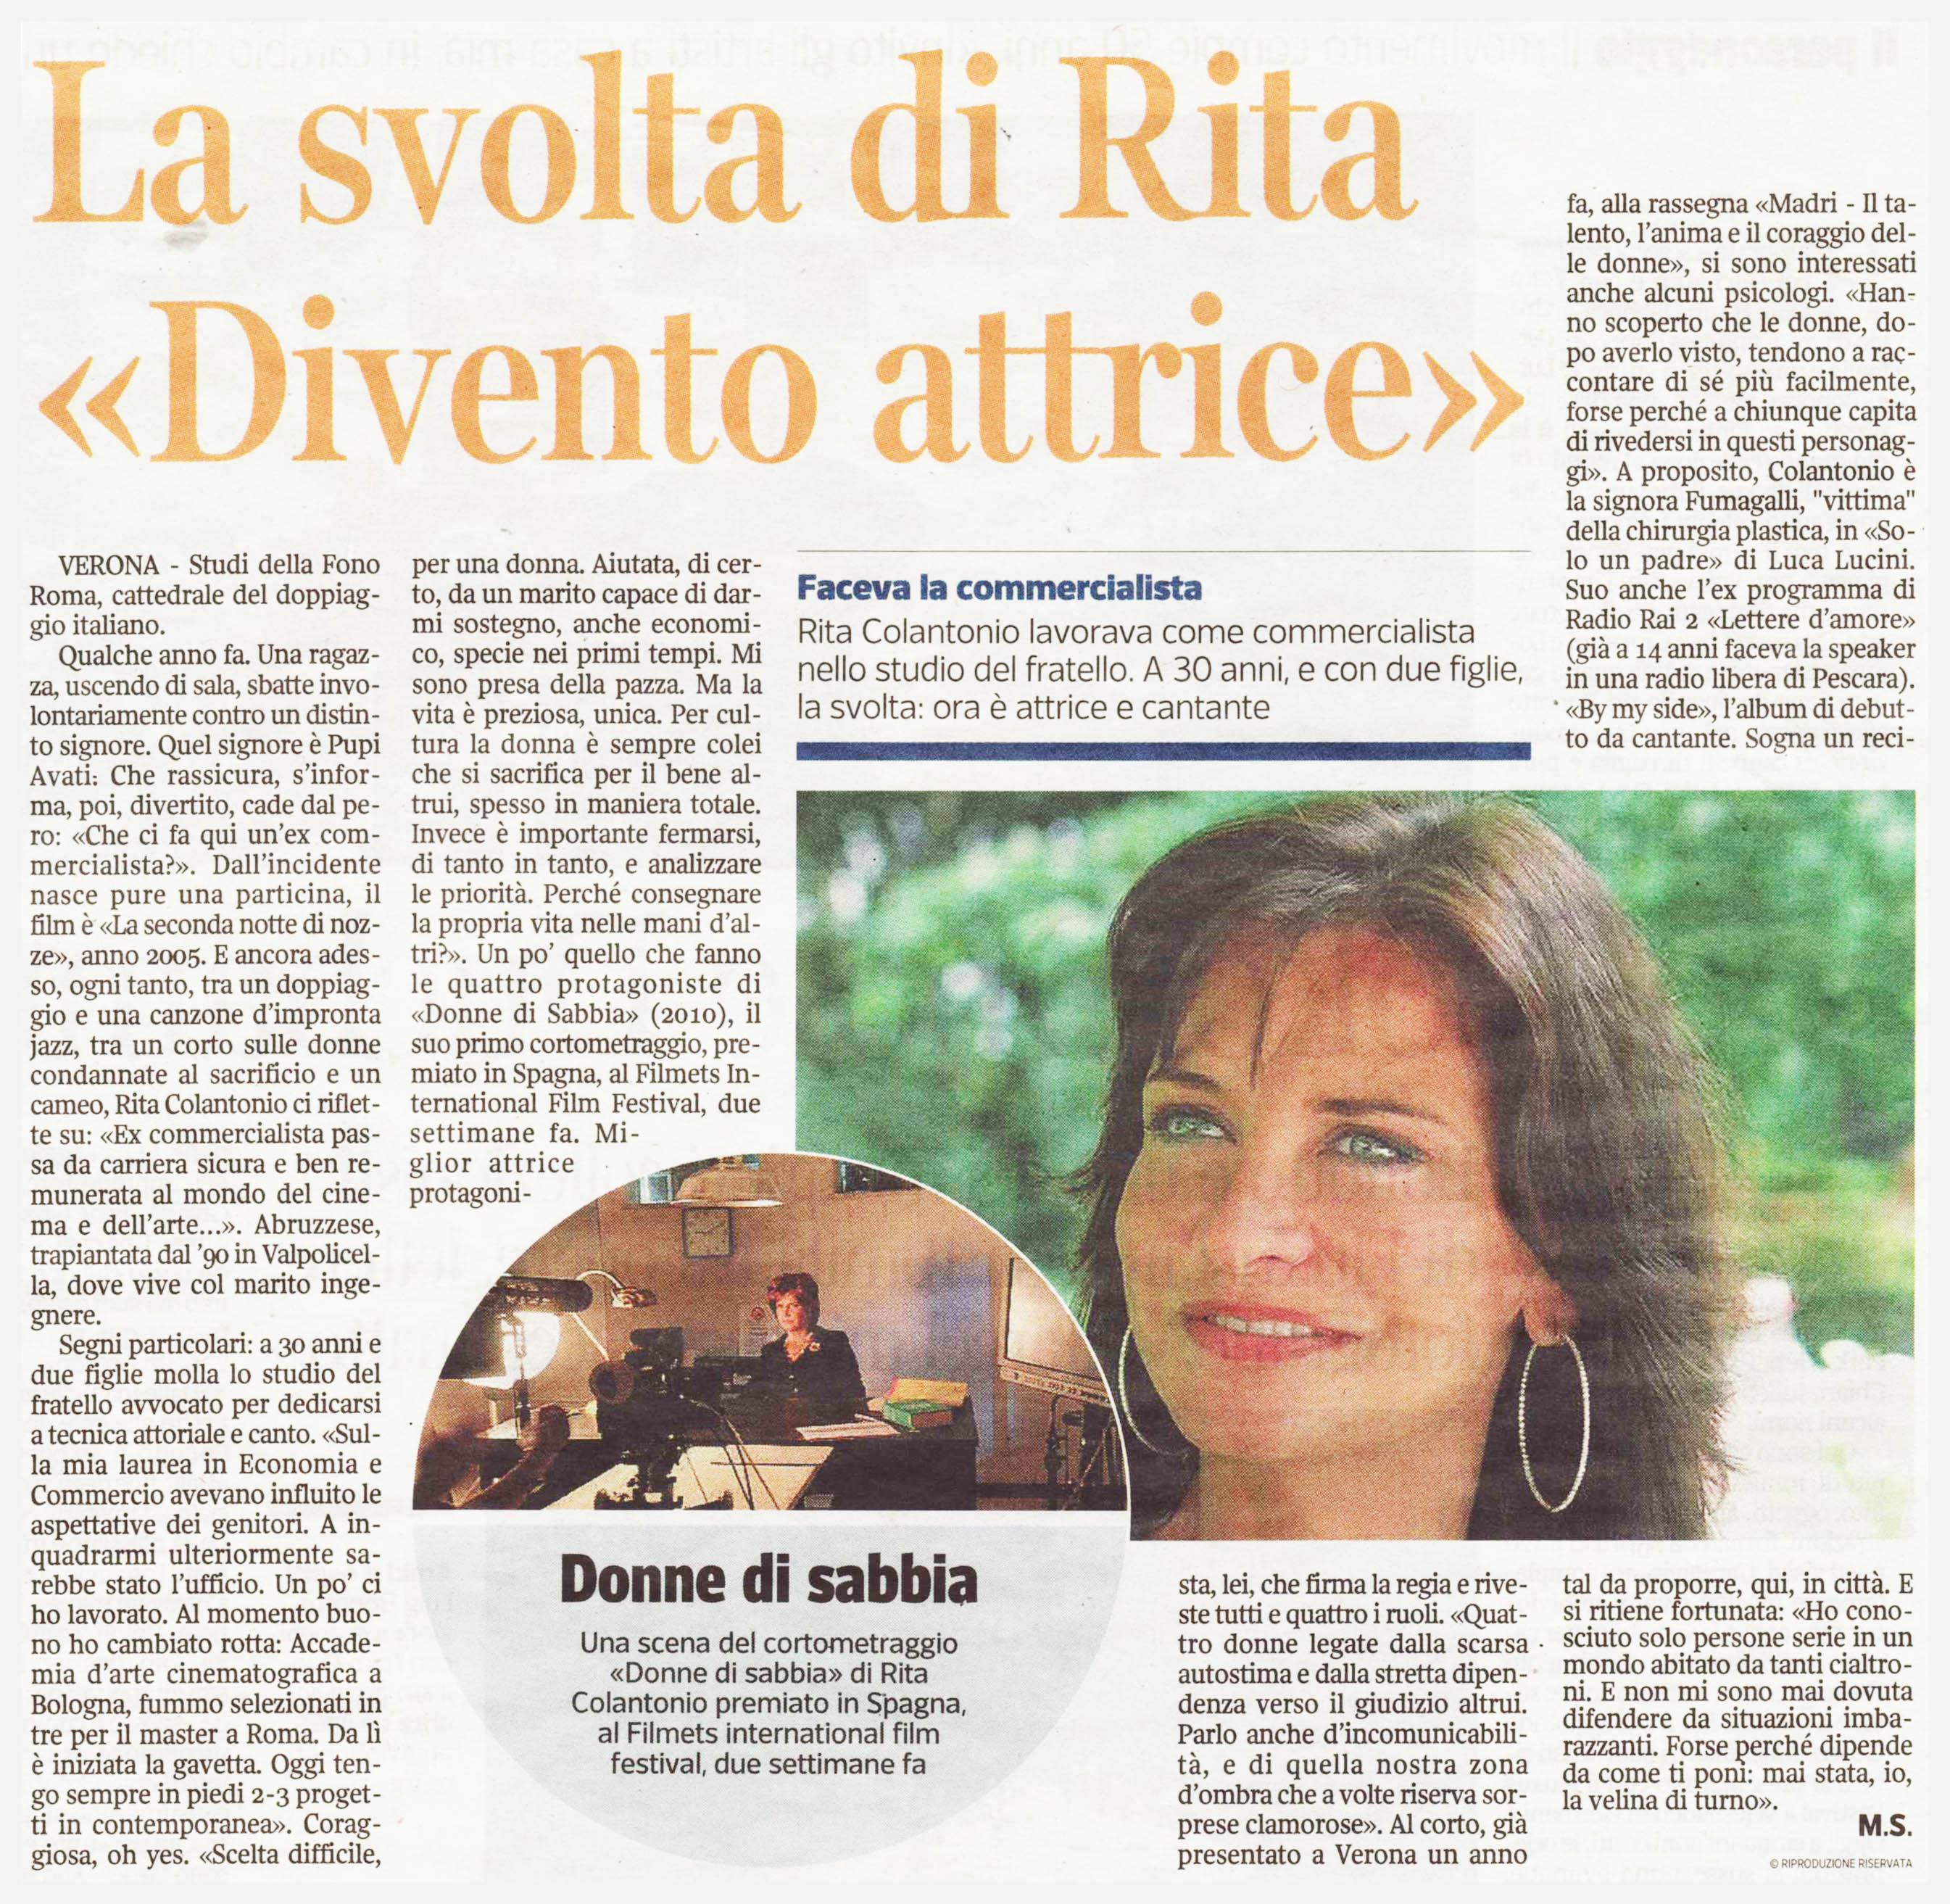 Corriere-del-Veneto-6-12-2012